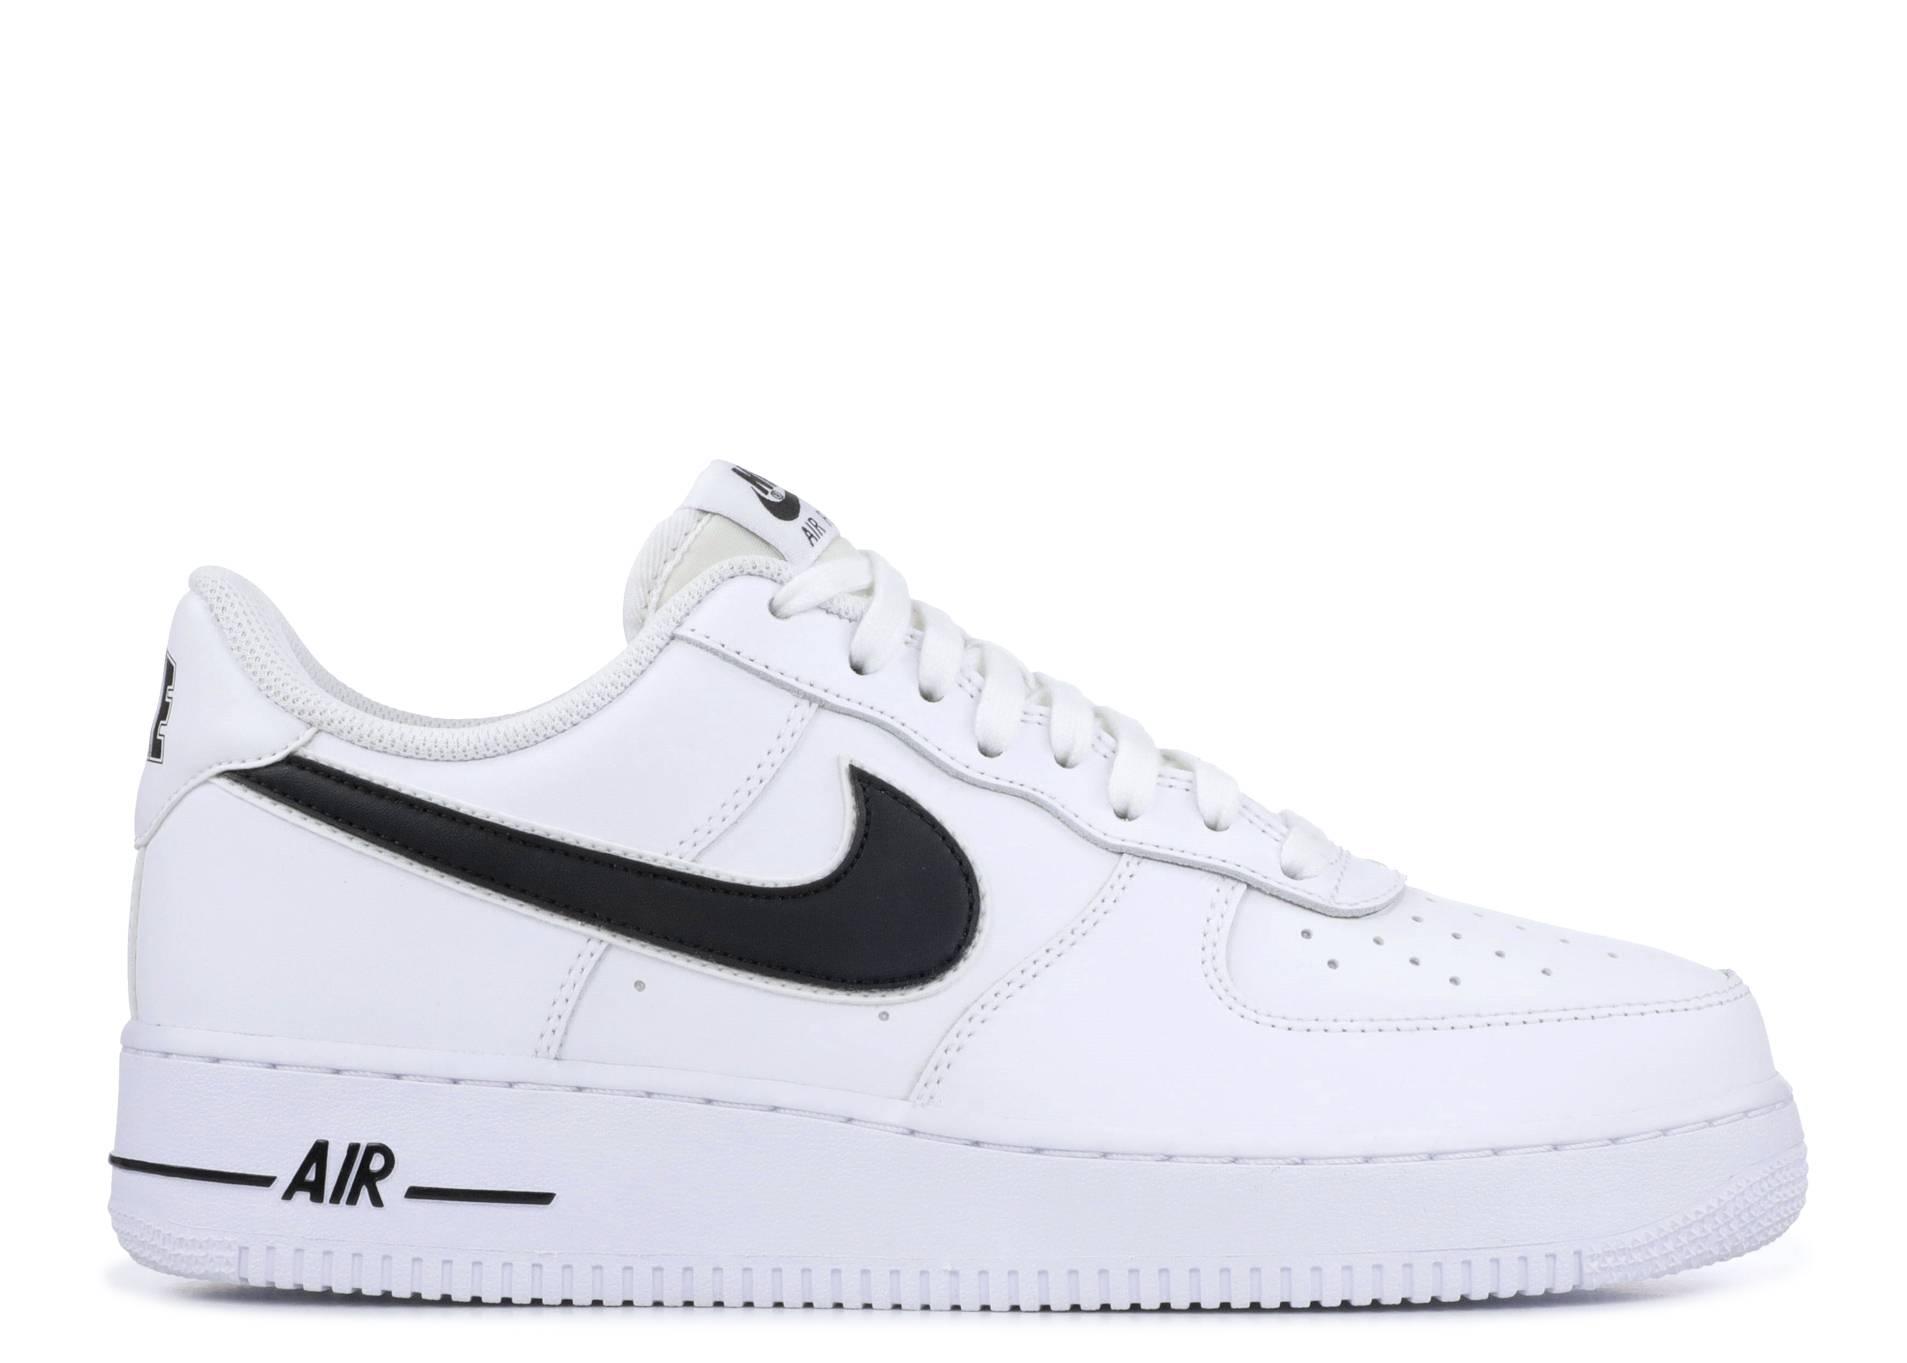 air force 1 '07 3